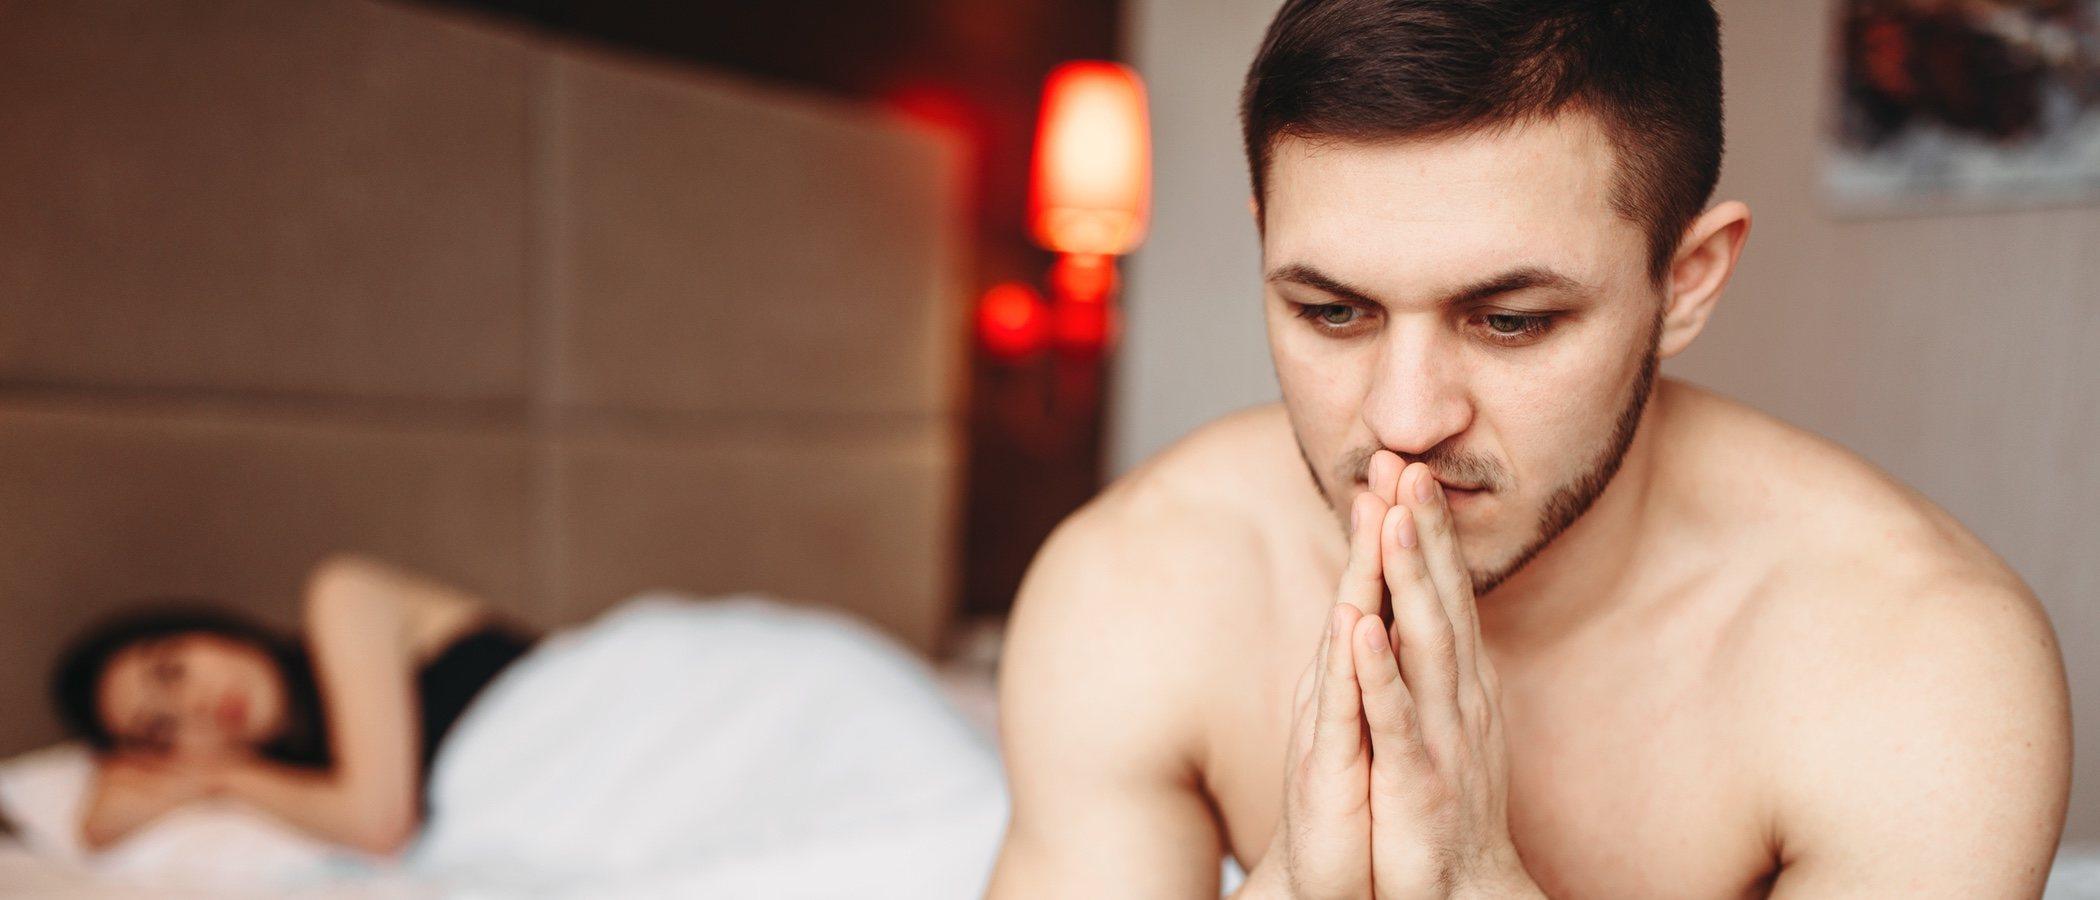 Horóscopo sexual diciembre 2018: Libra